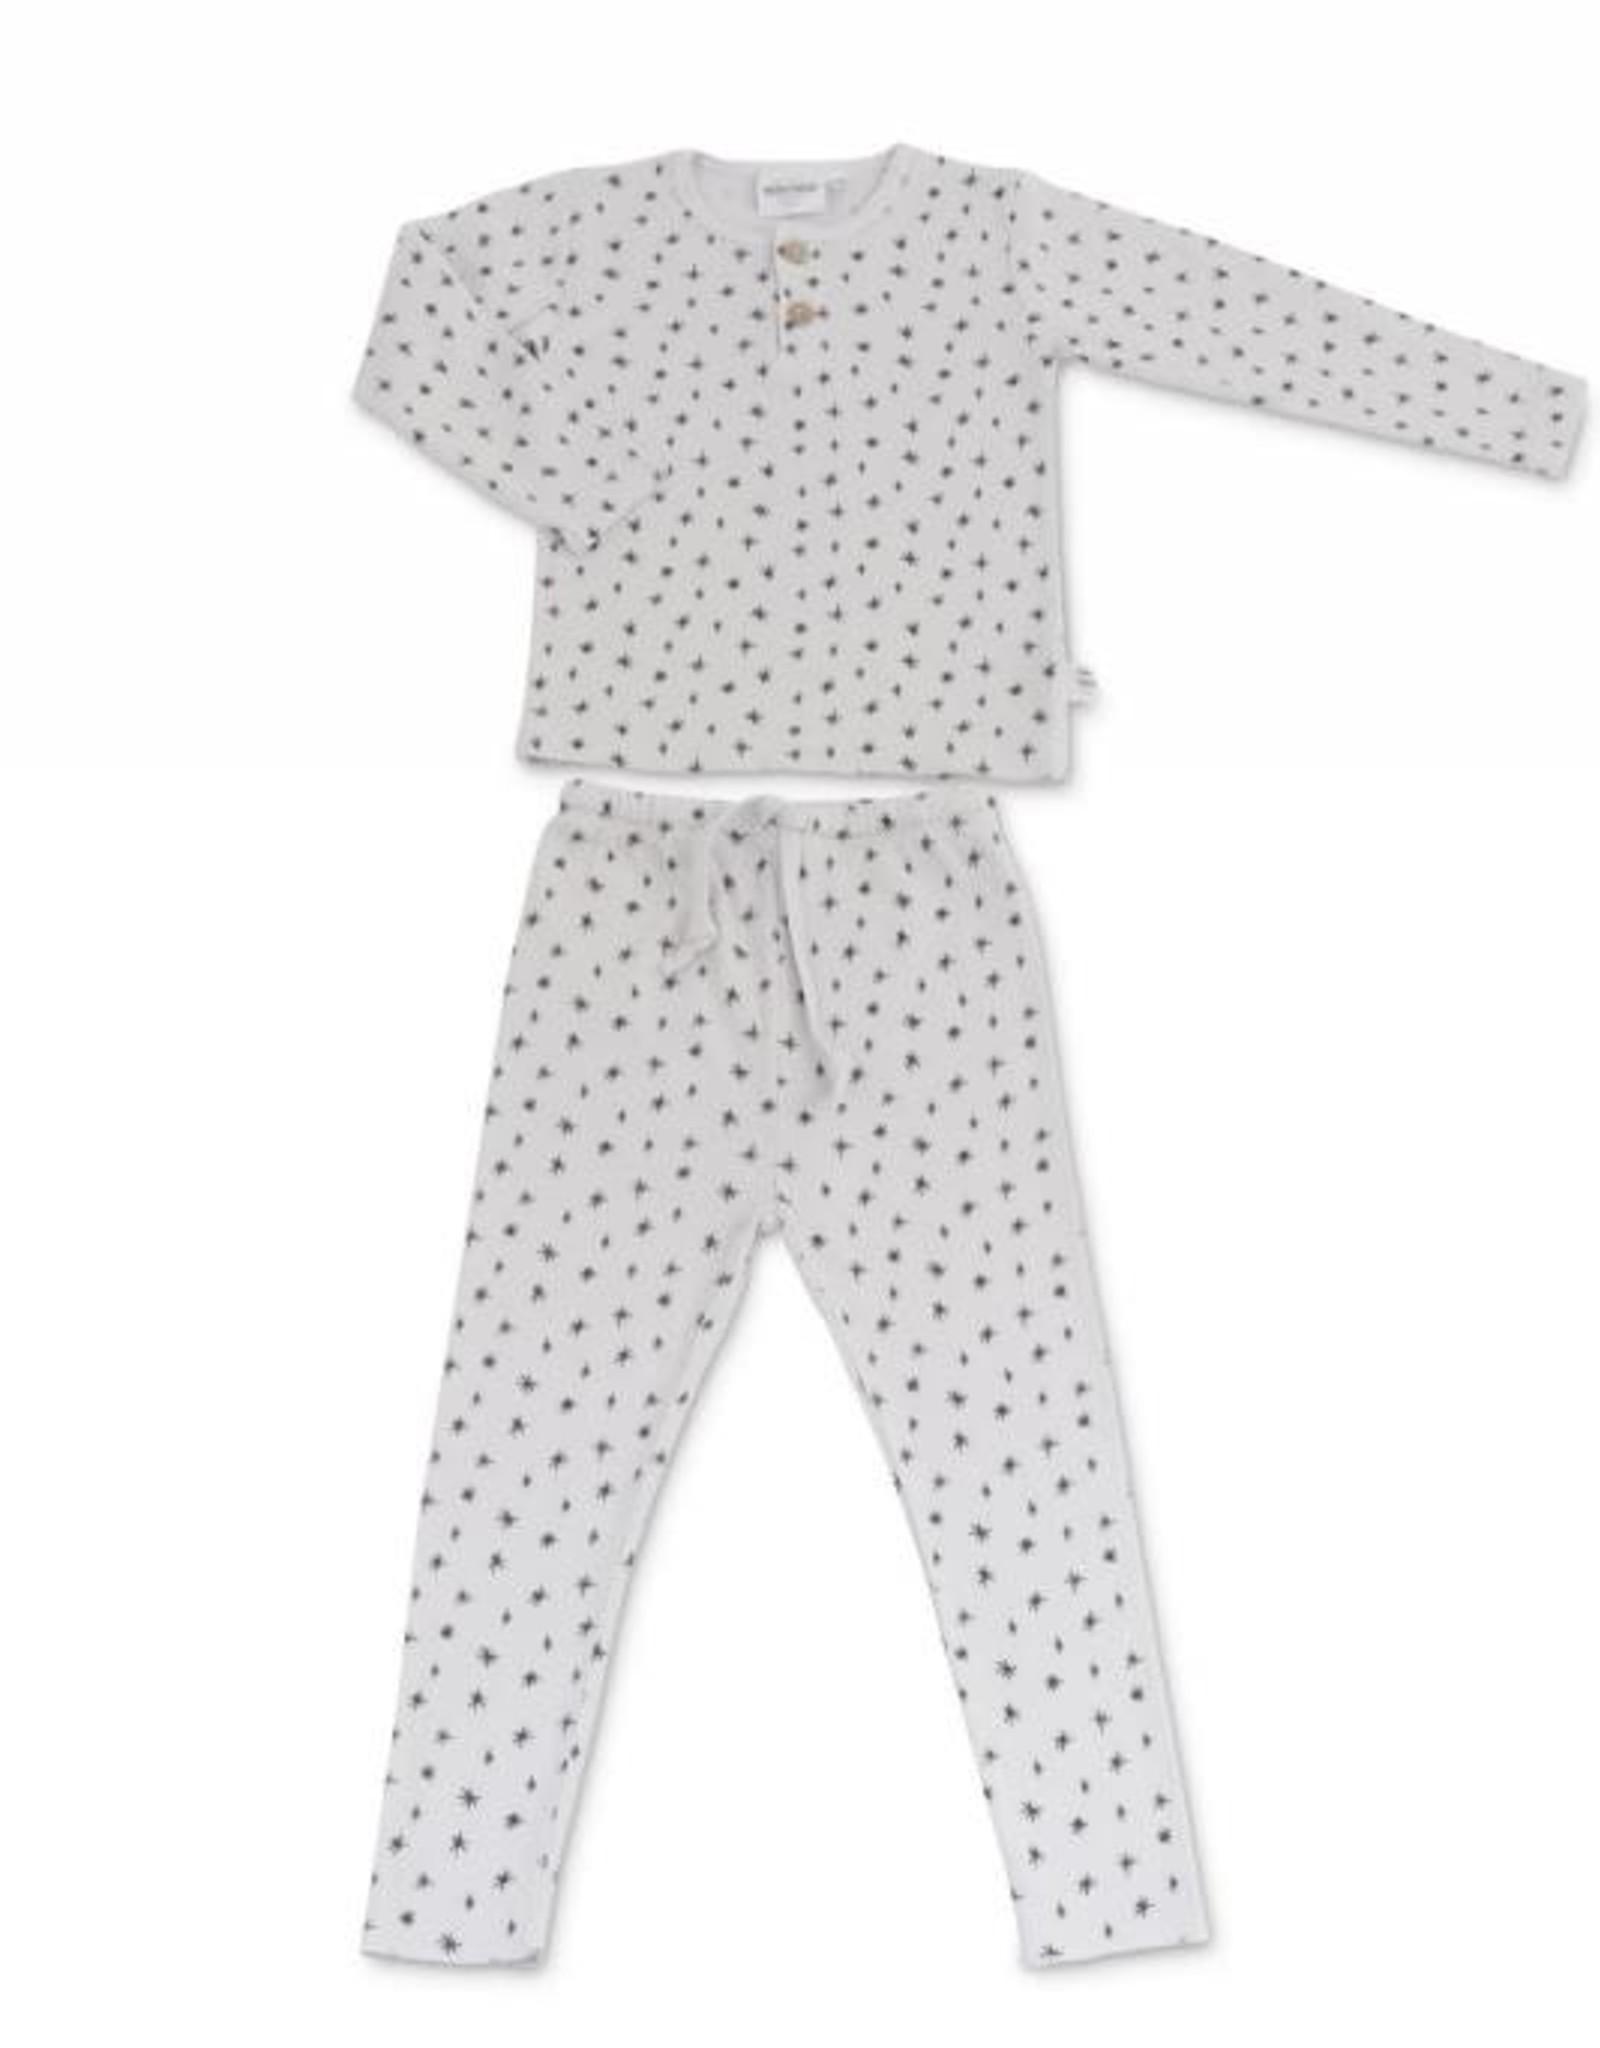 Ours 2 pieces pajama, stars print